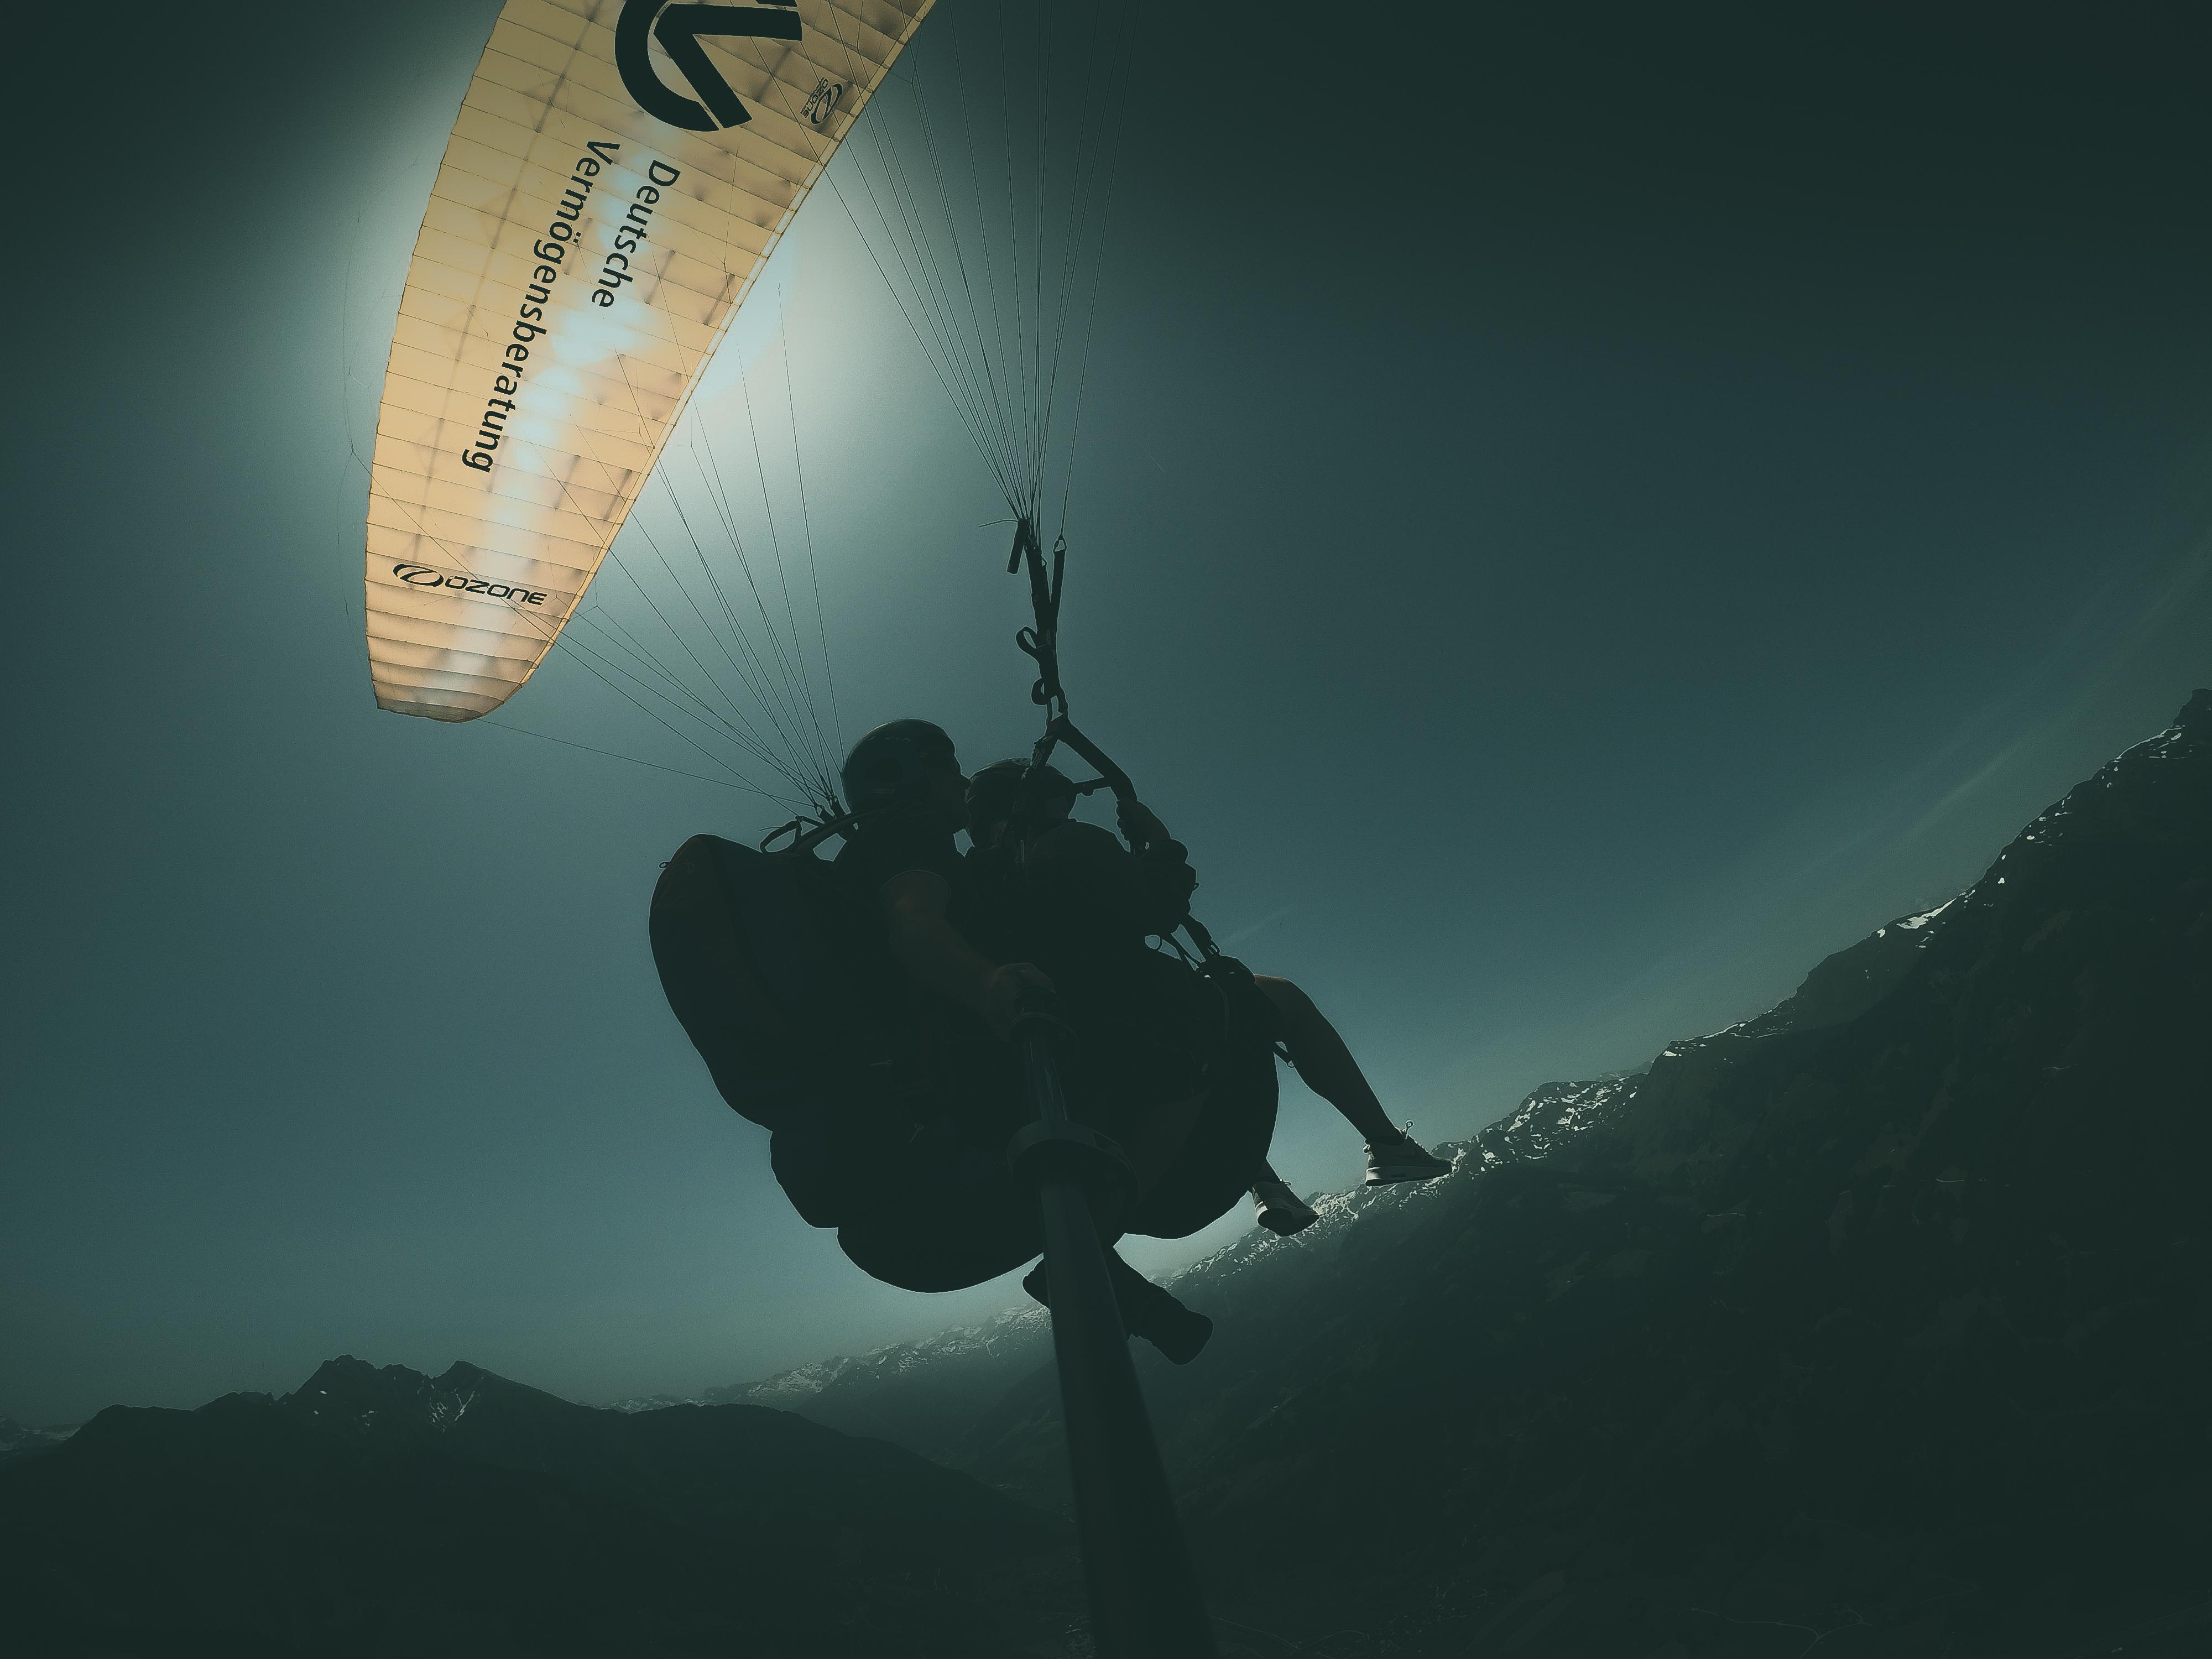 High on life, Paragliden in Dorfgastein